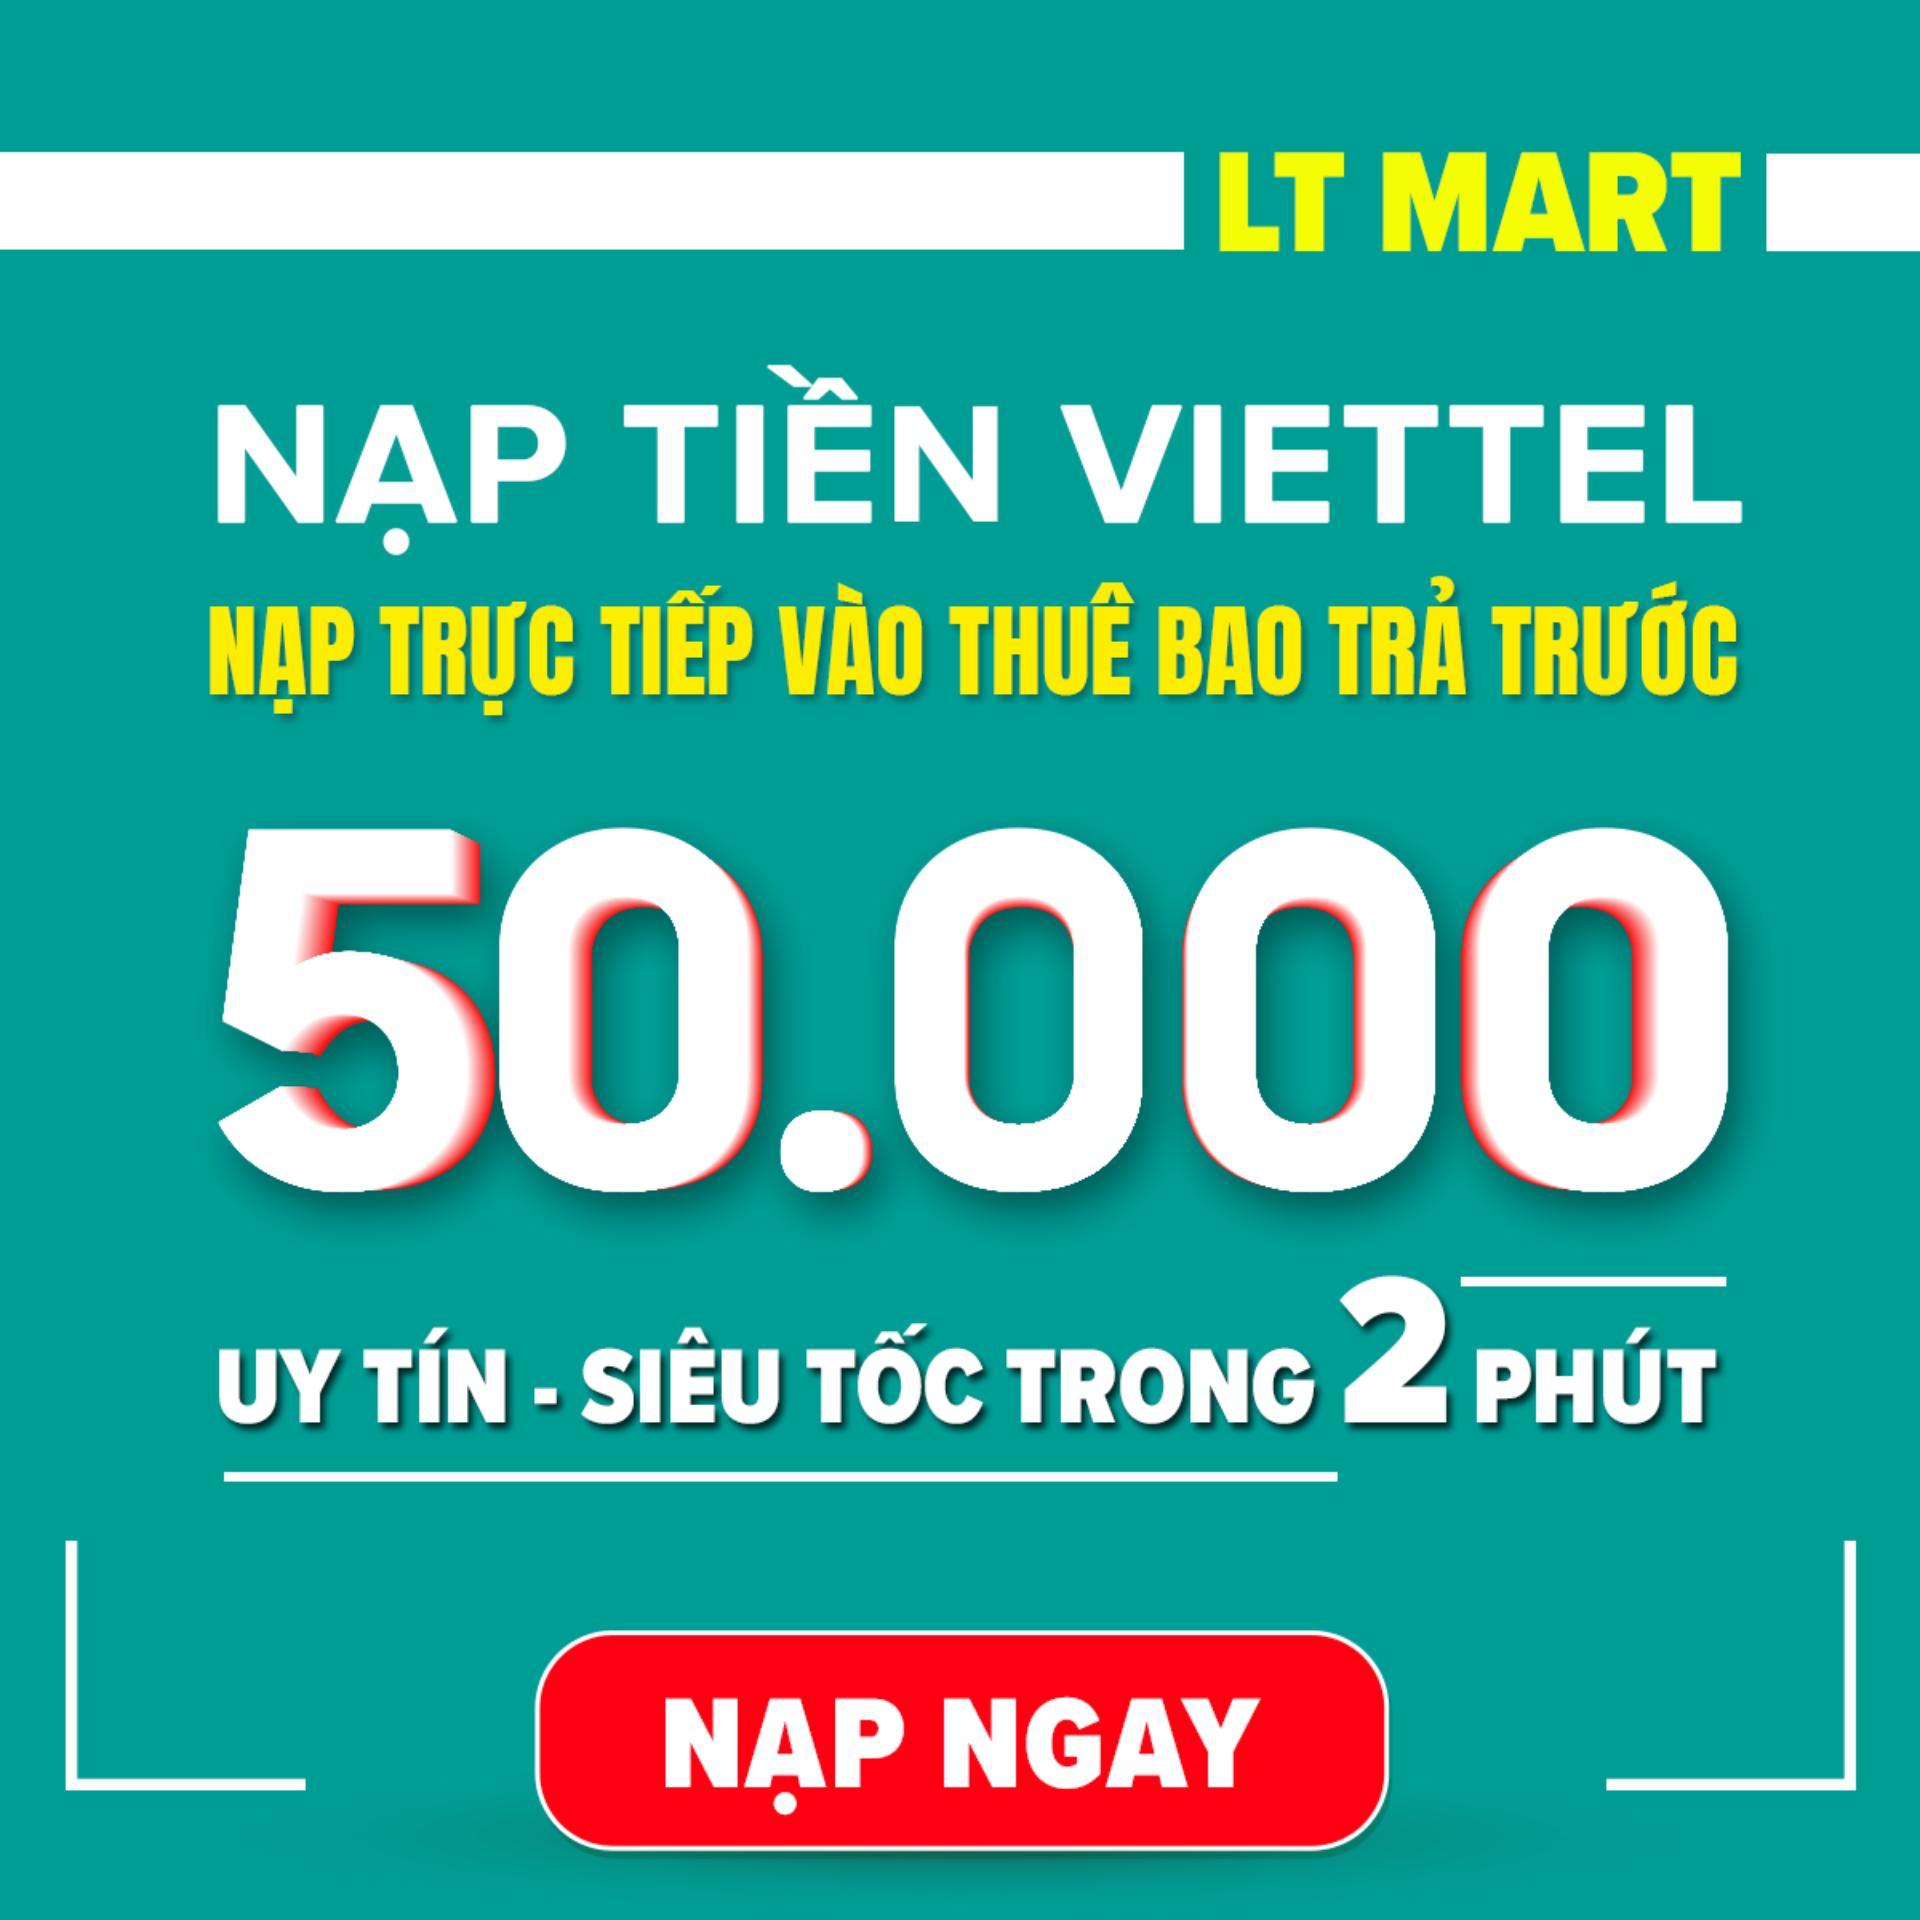 Nạp tiền Viettel 50.000 (Nạp tiền trực tiếp vào thuê bao trả trước của Viettel) nạp tiền điện thoại LTmart - Uy tín thao tác nhanh chóng.[Viettel][50000]